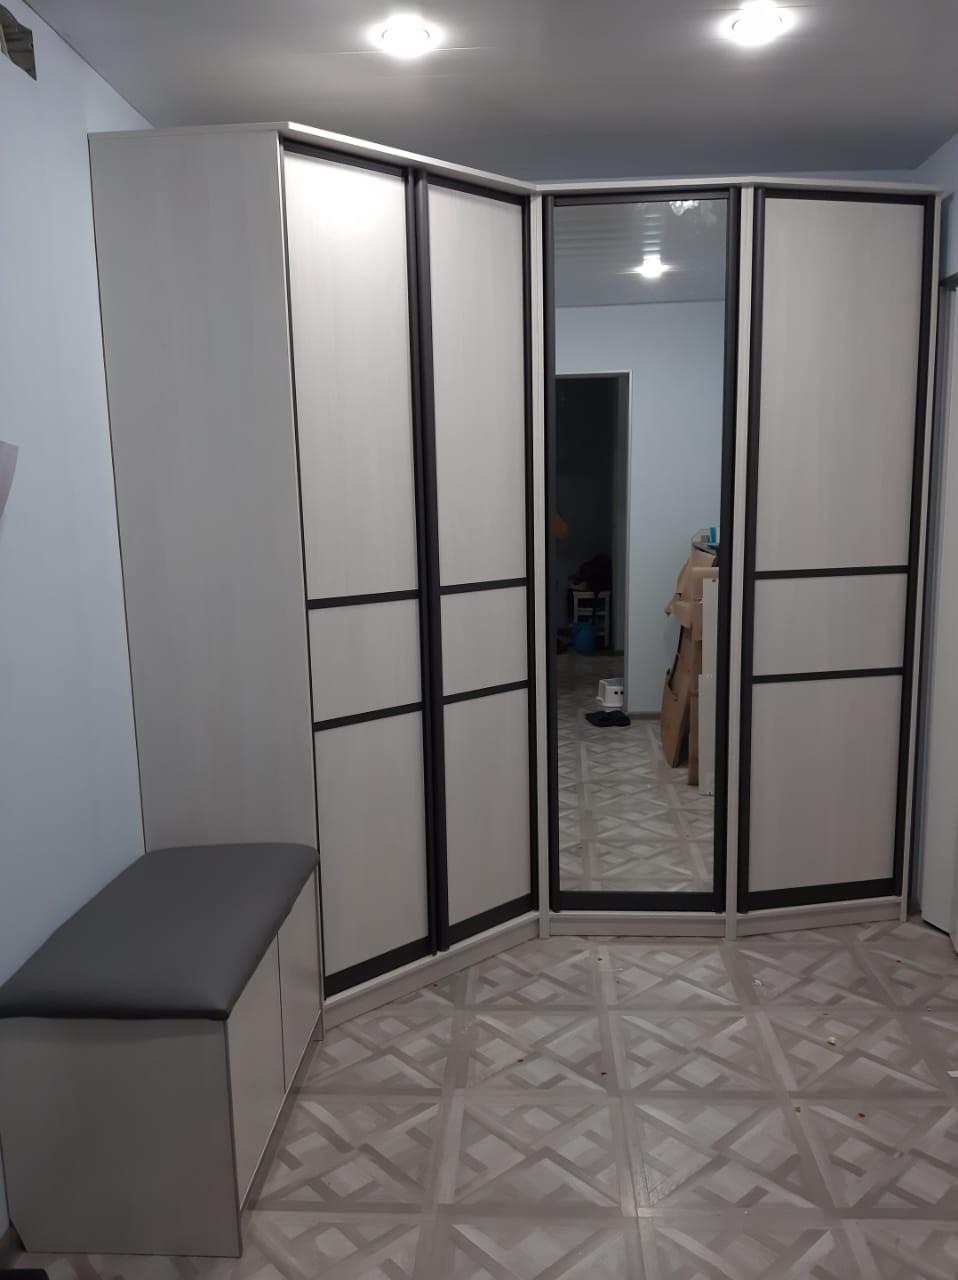 Шкаф в прихожую с интересным дизайном